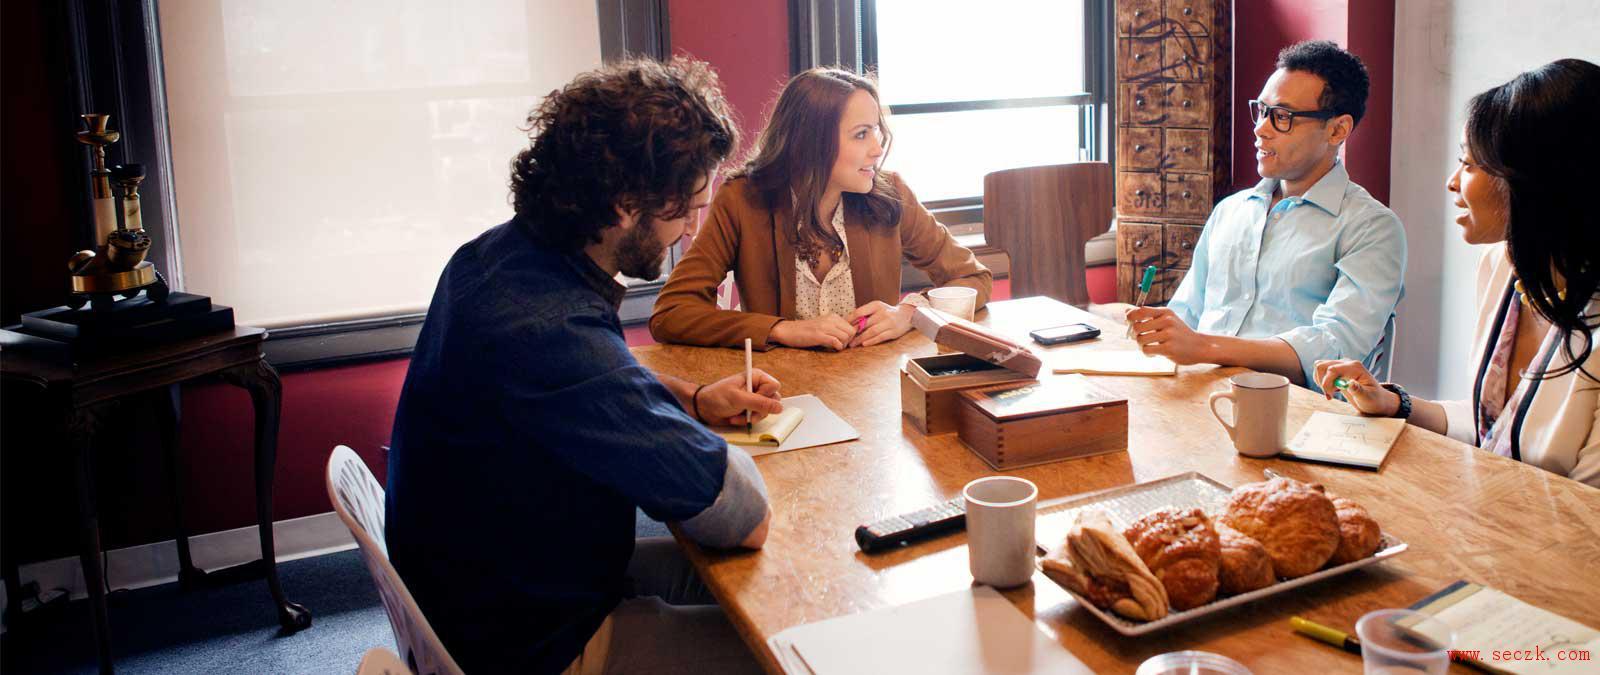 商务邮件欺诈新手法:薪资转移